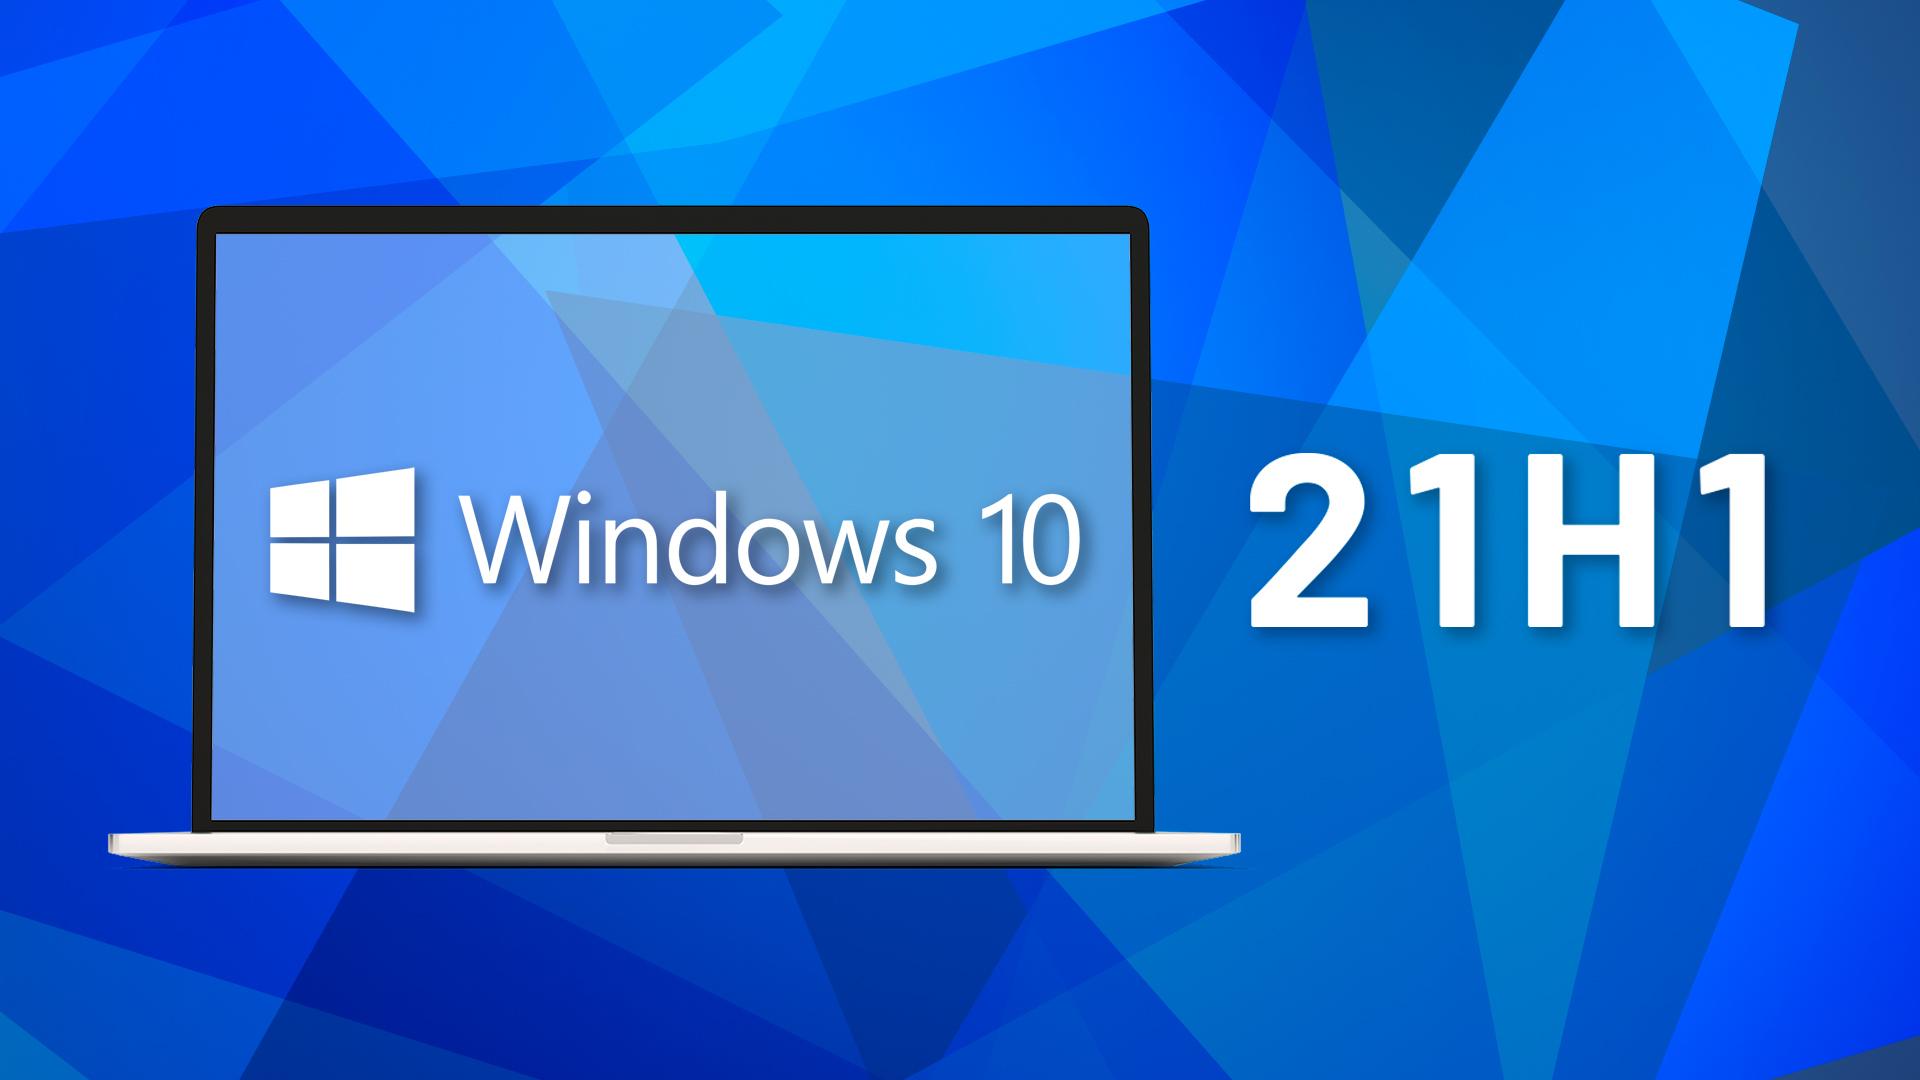 Windows 10, Insider Preview, Windows Update, Microsoft Windows, Microsoft Windows 10, 21H1, Windows 10 21H1, Windows 10 2021 Update